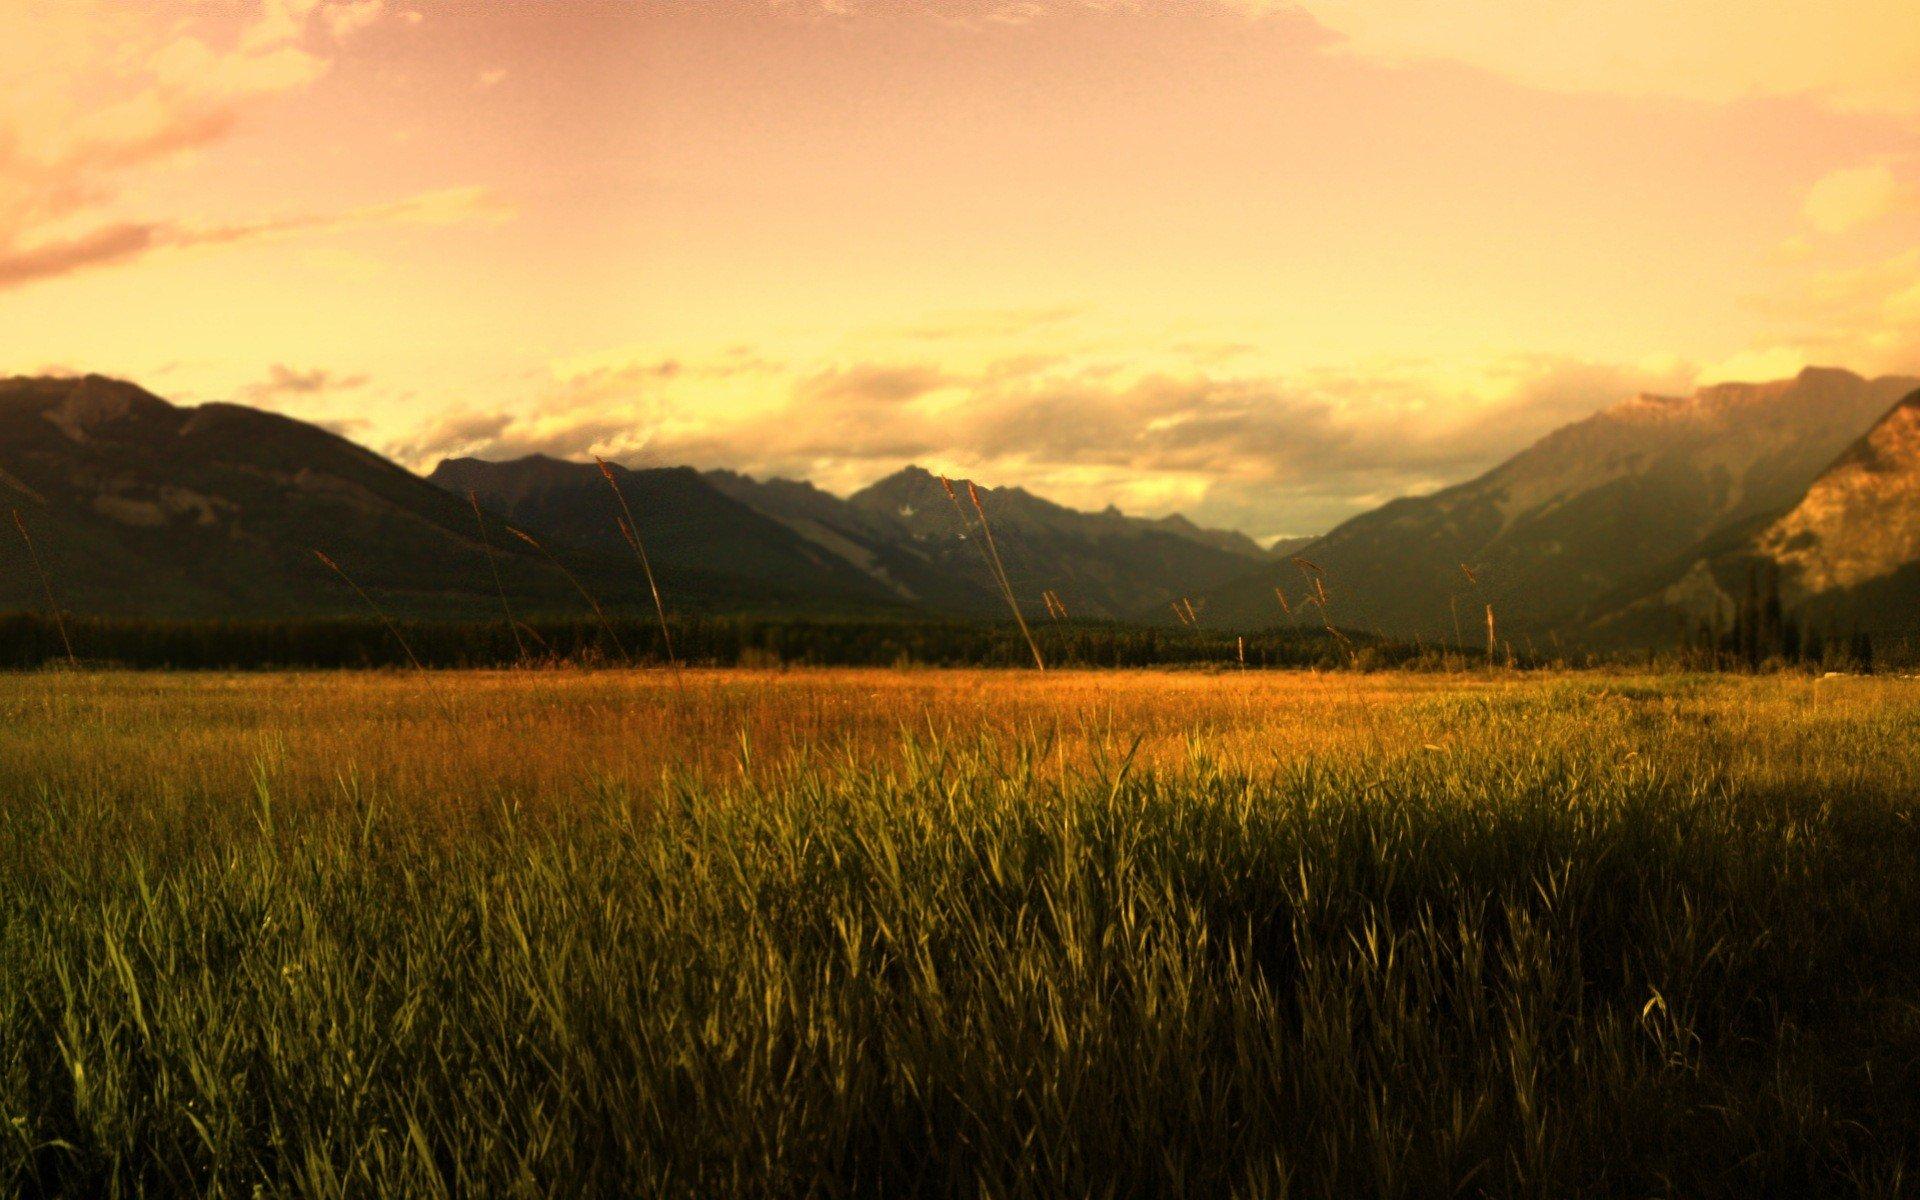 степь дом закат озеро трава скачать